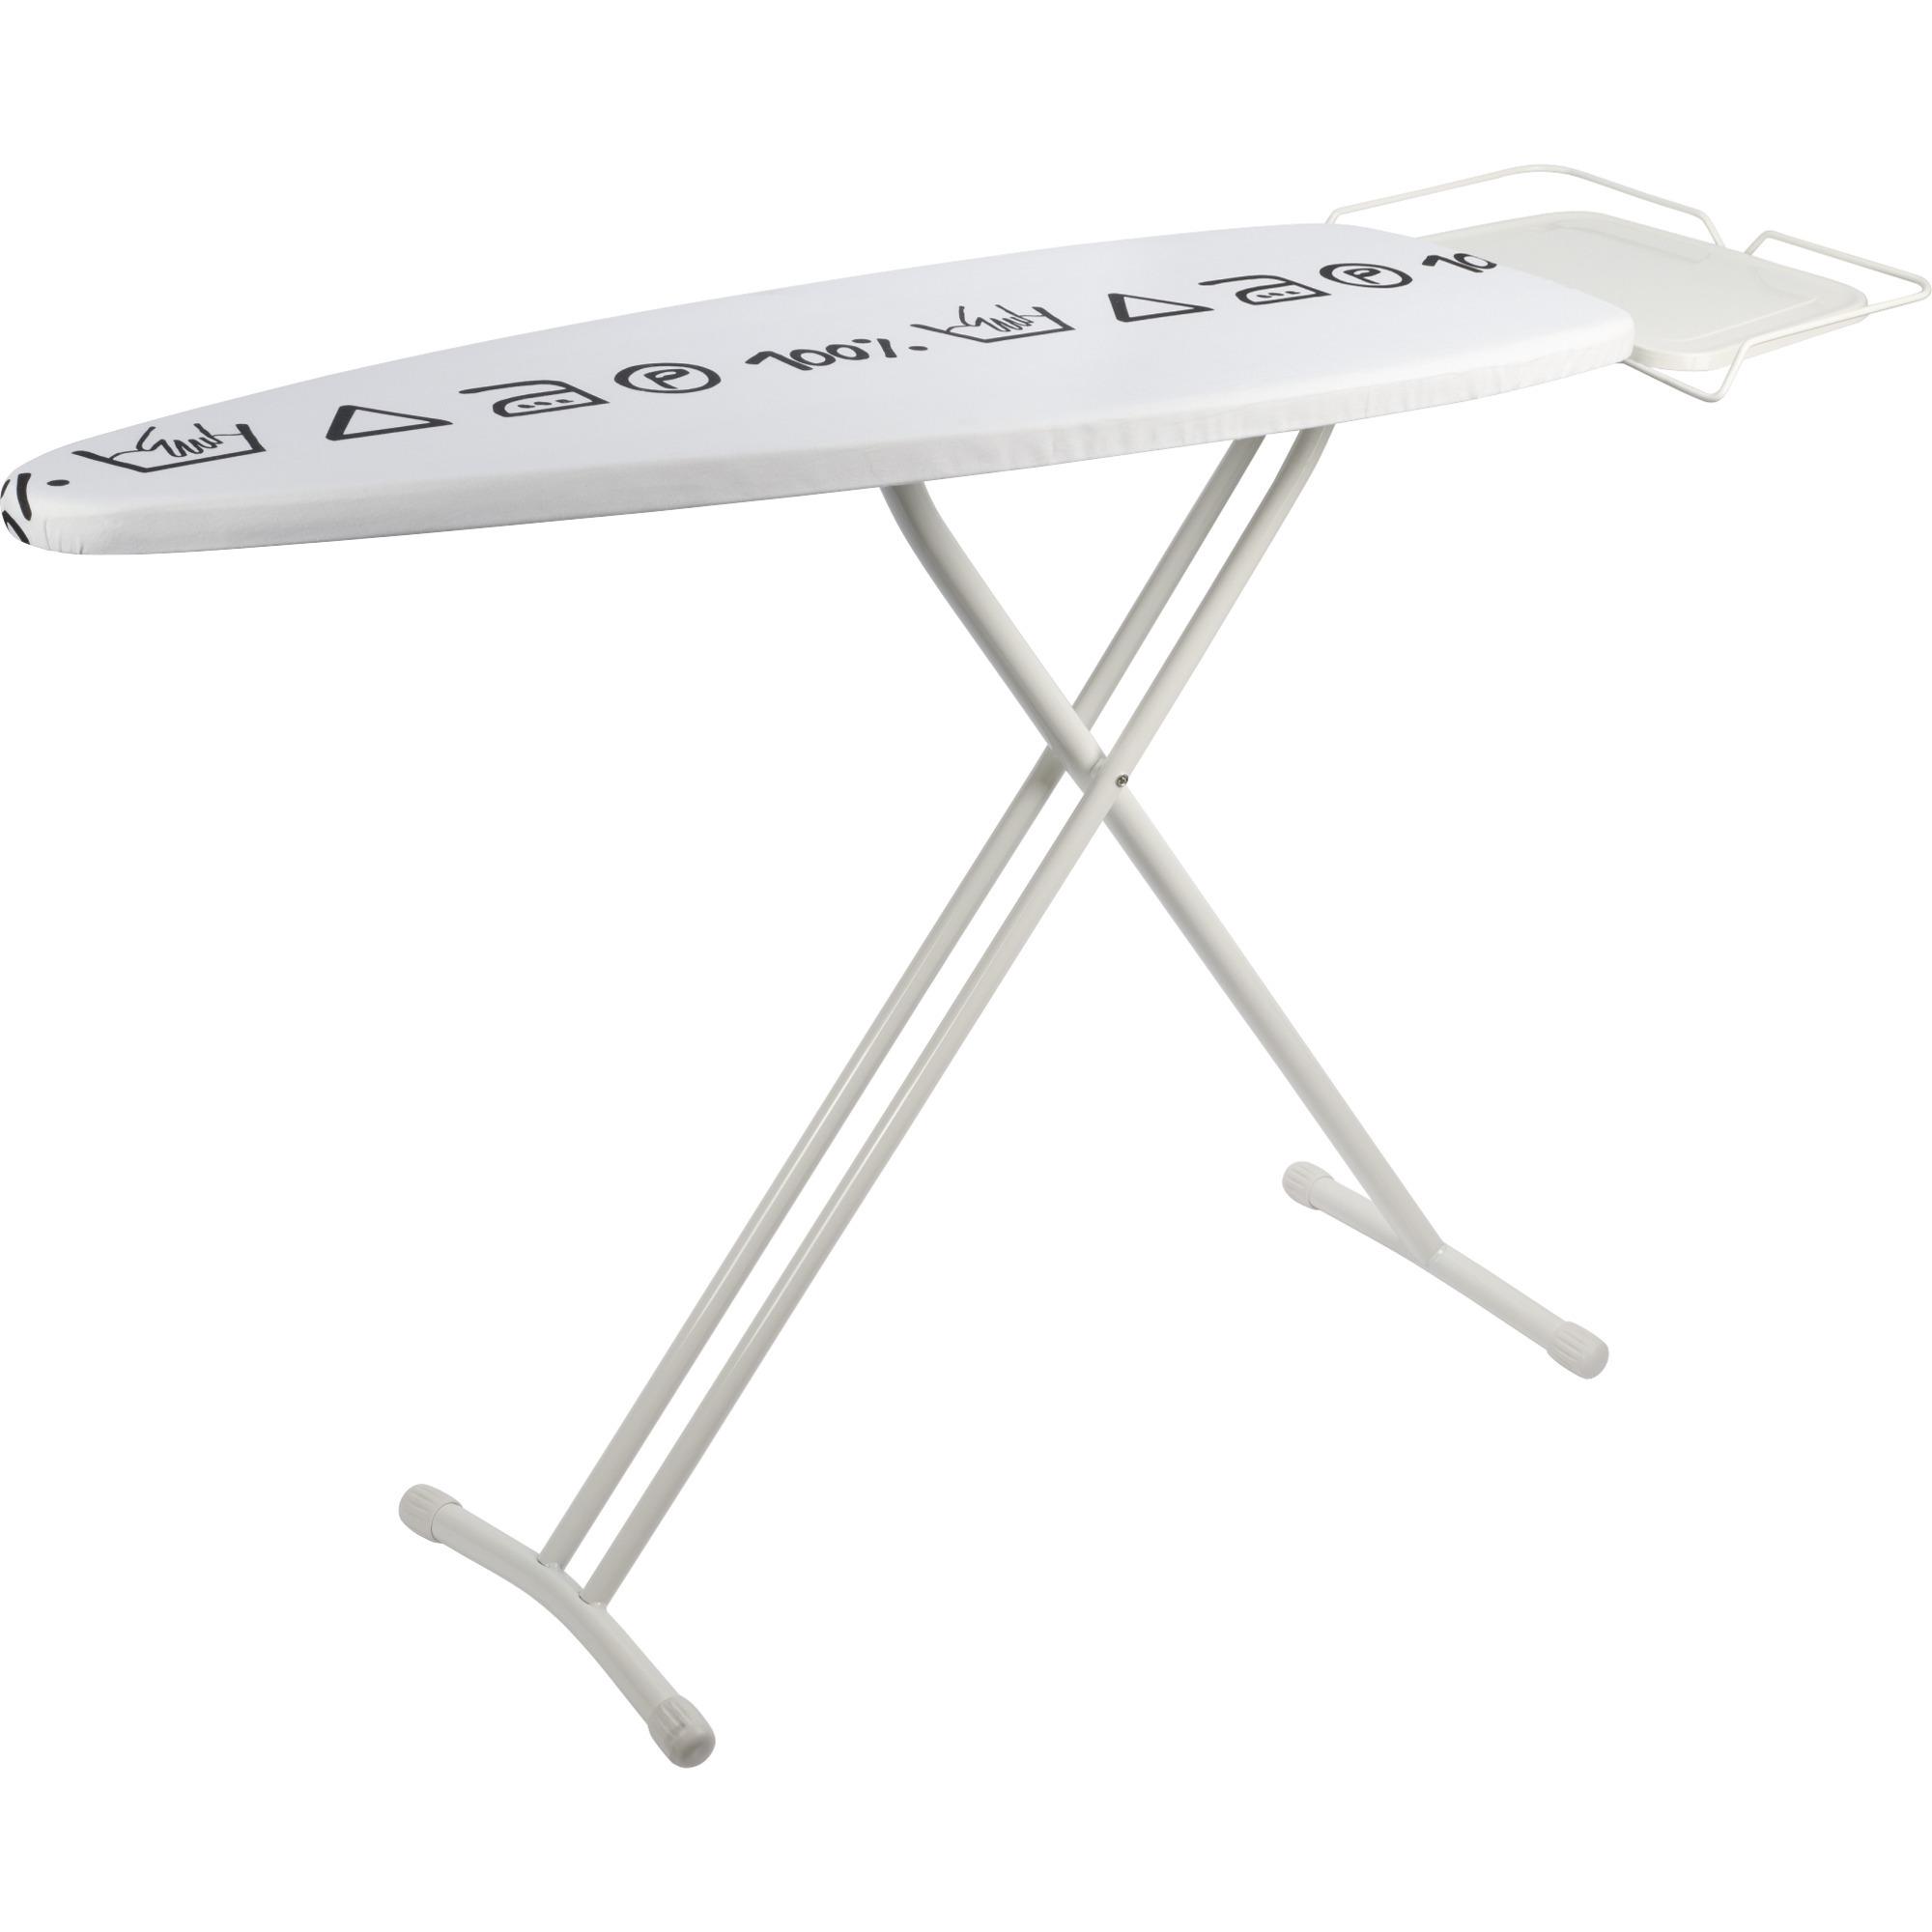 TI1200 tabla de planchar 1240 x 400 mm